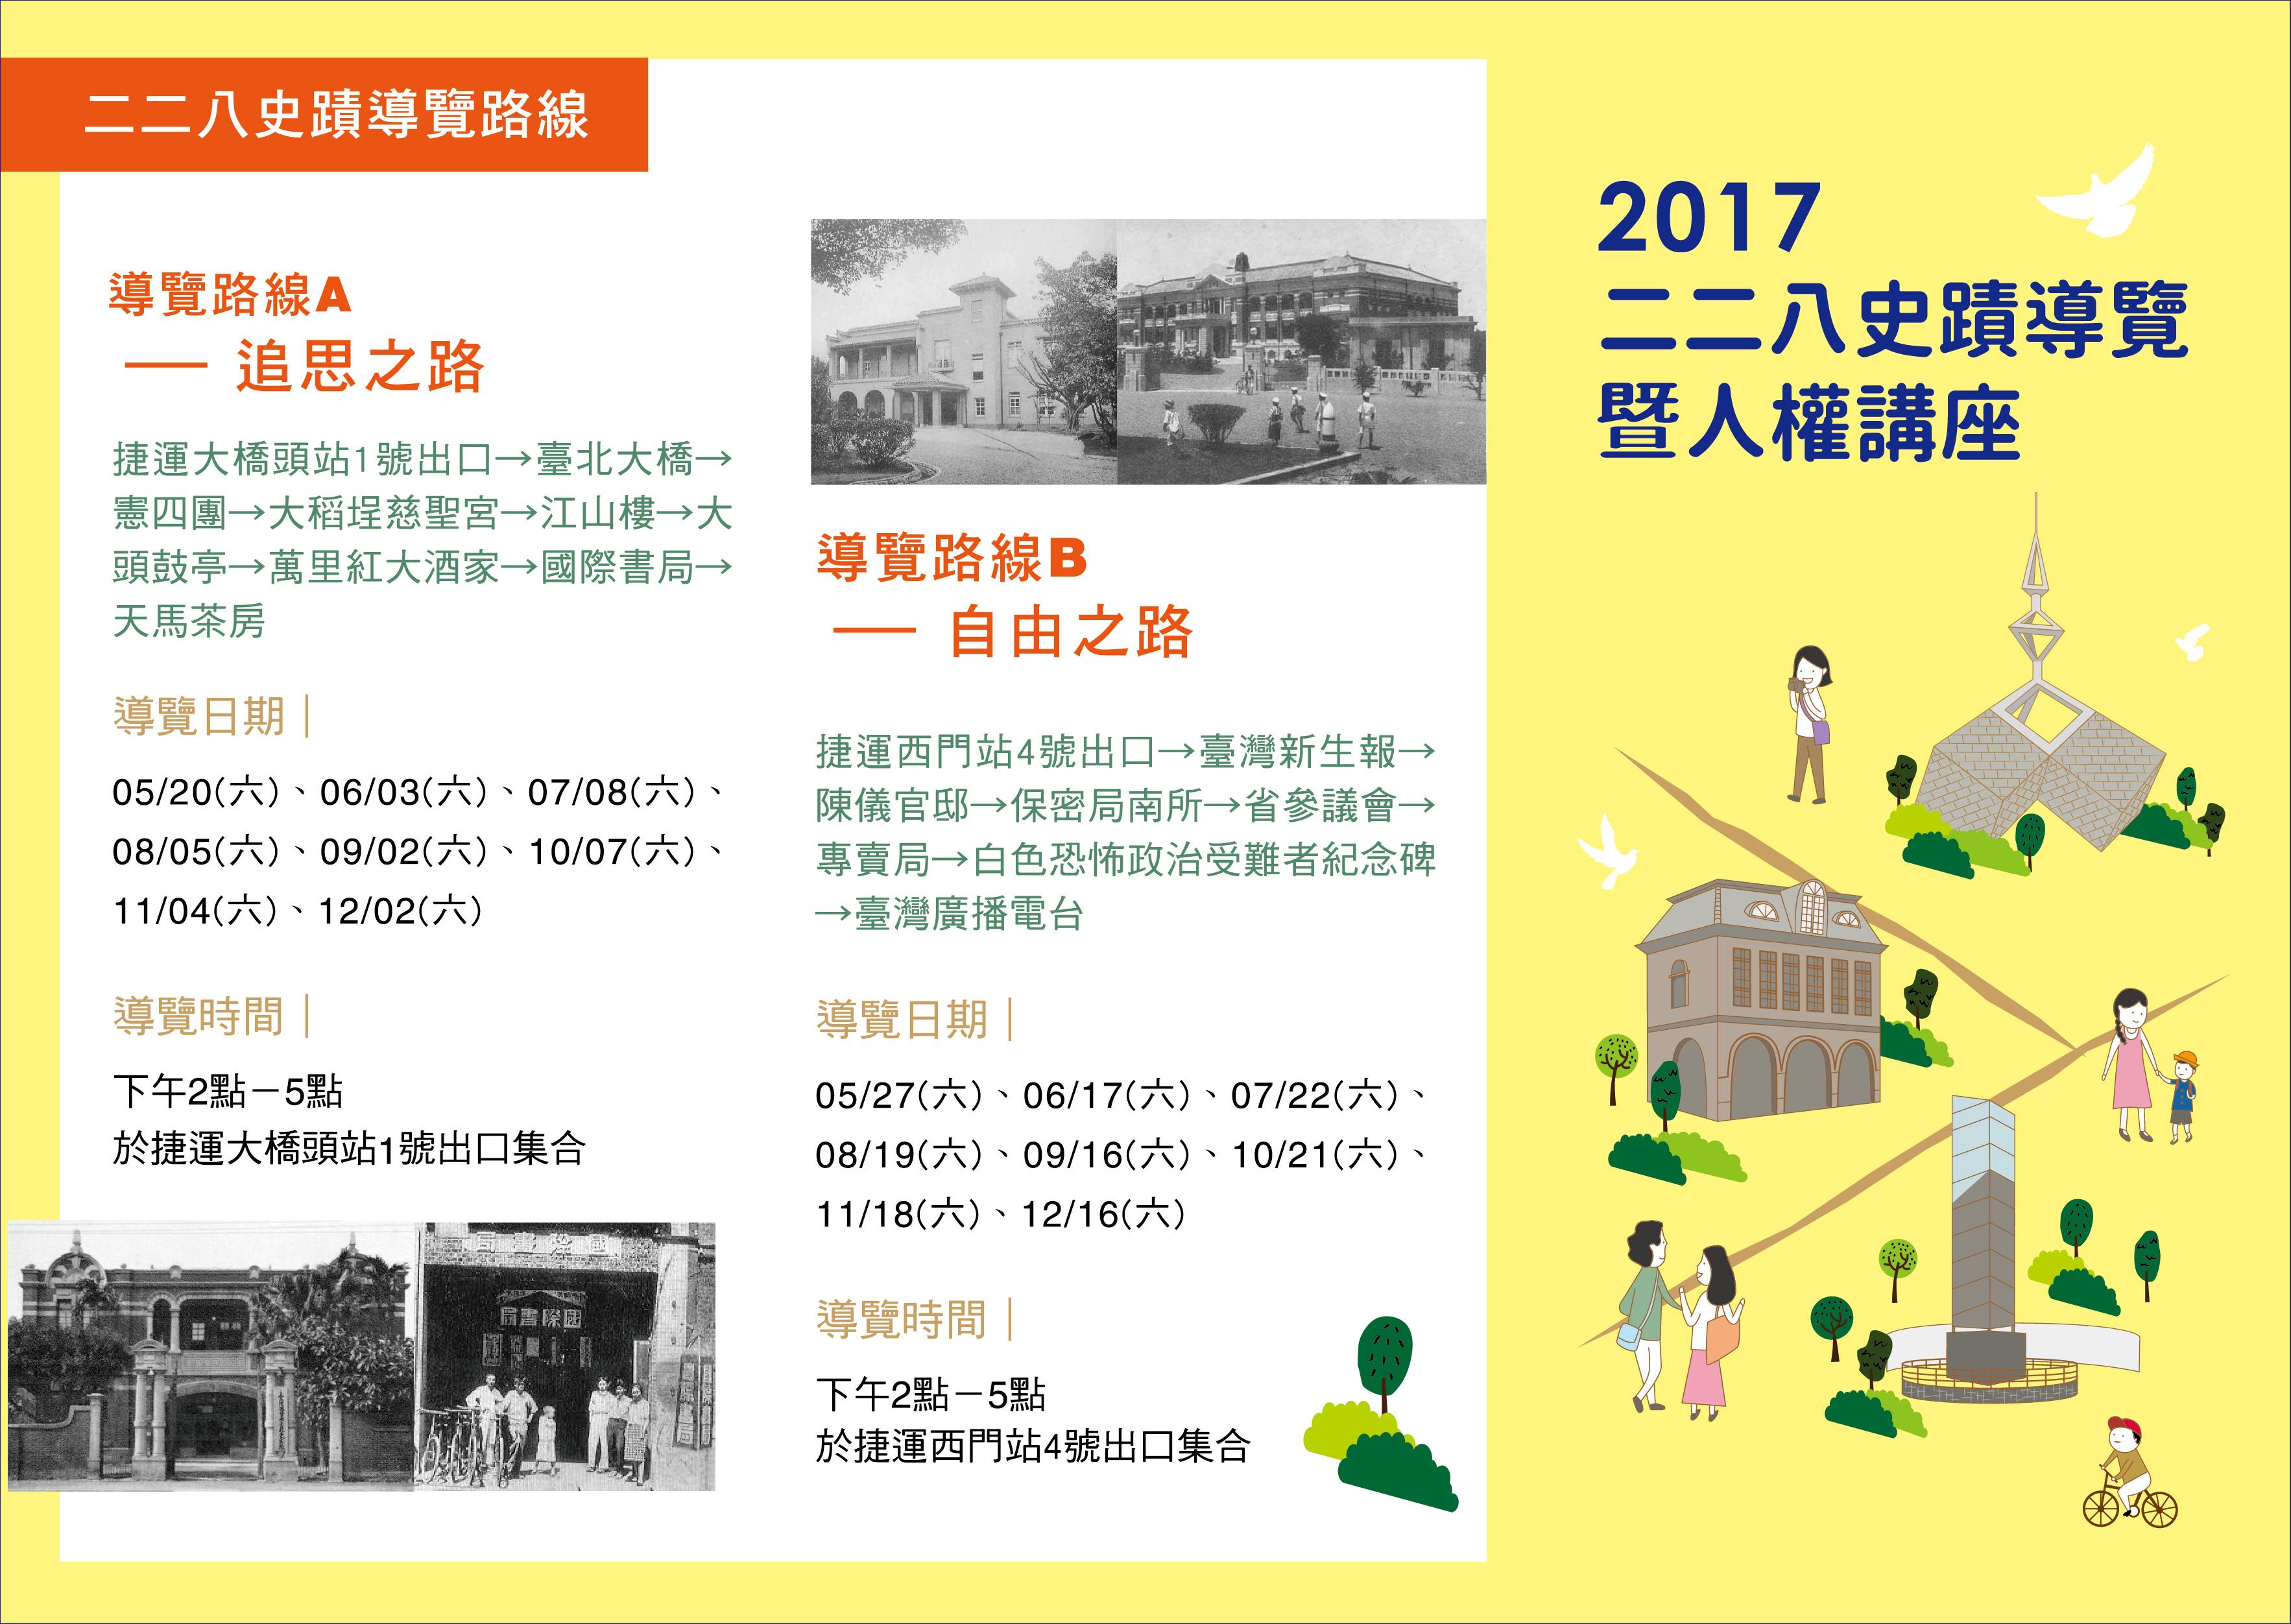 2017二二八史蹟導覽與人權講座摺頁1